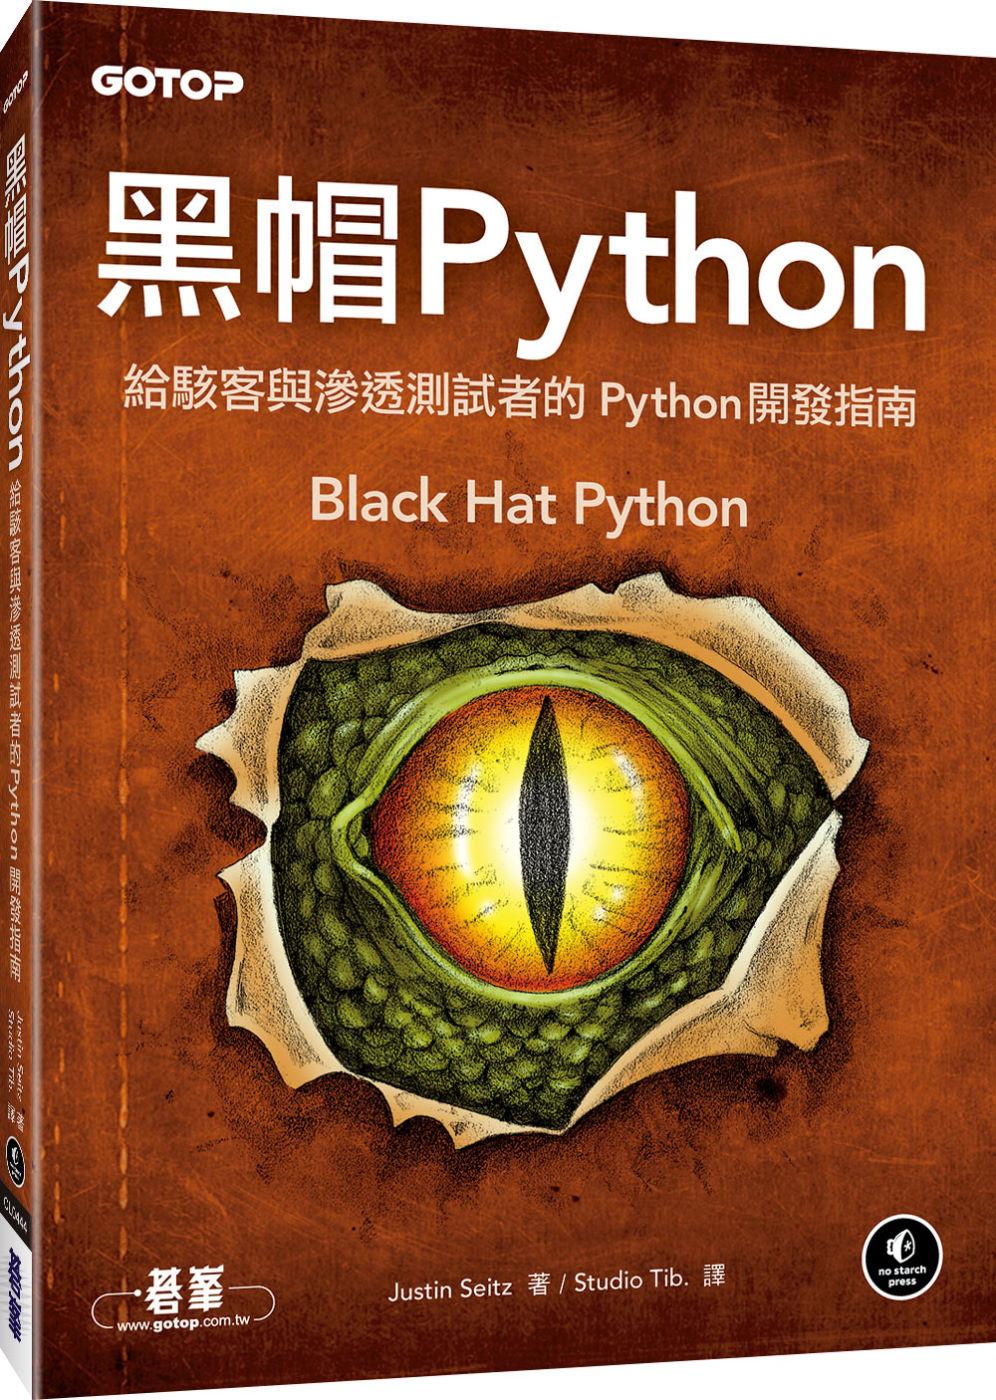 黑帽 Python:給駭客與滲透測試者的 Python 開發指南